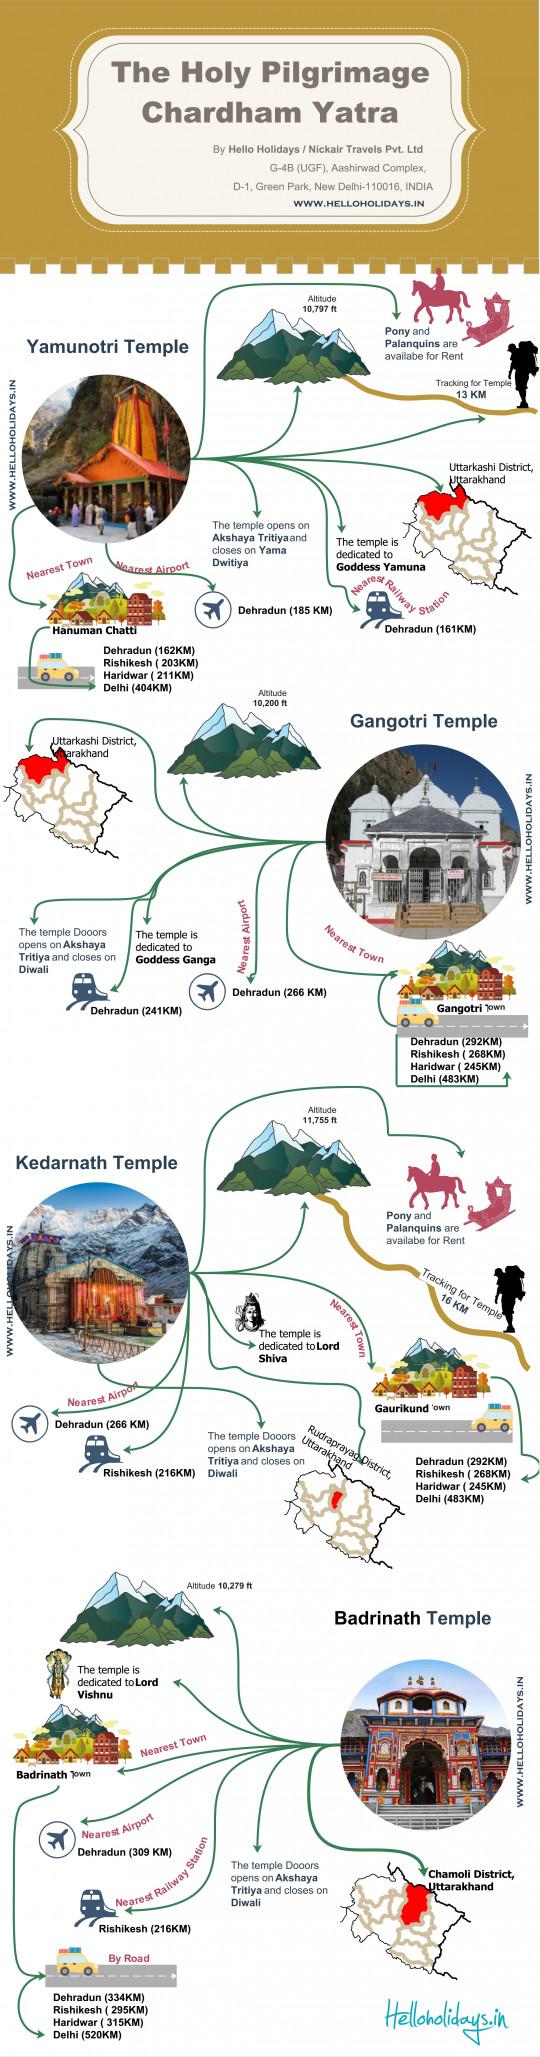 The Holy Pilgrimage Chardham 2020